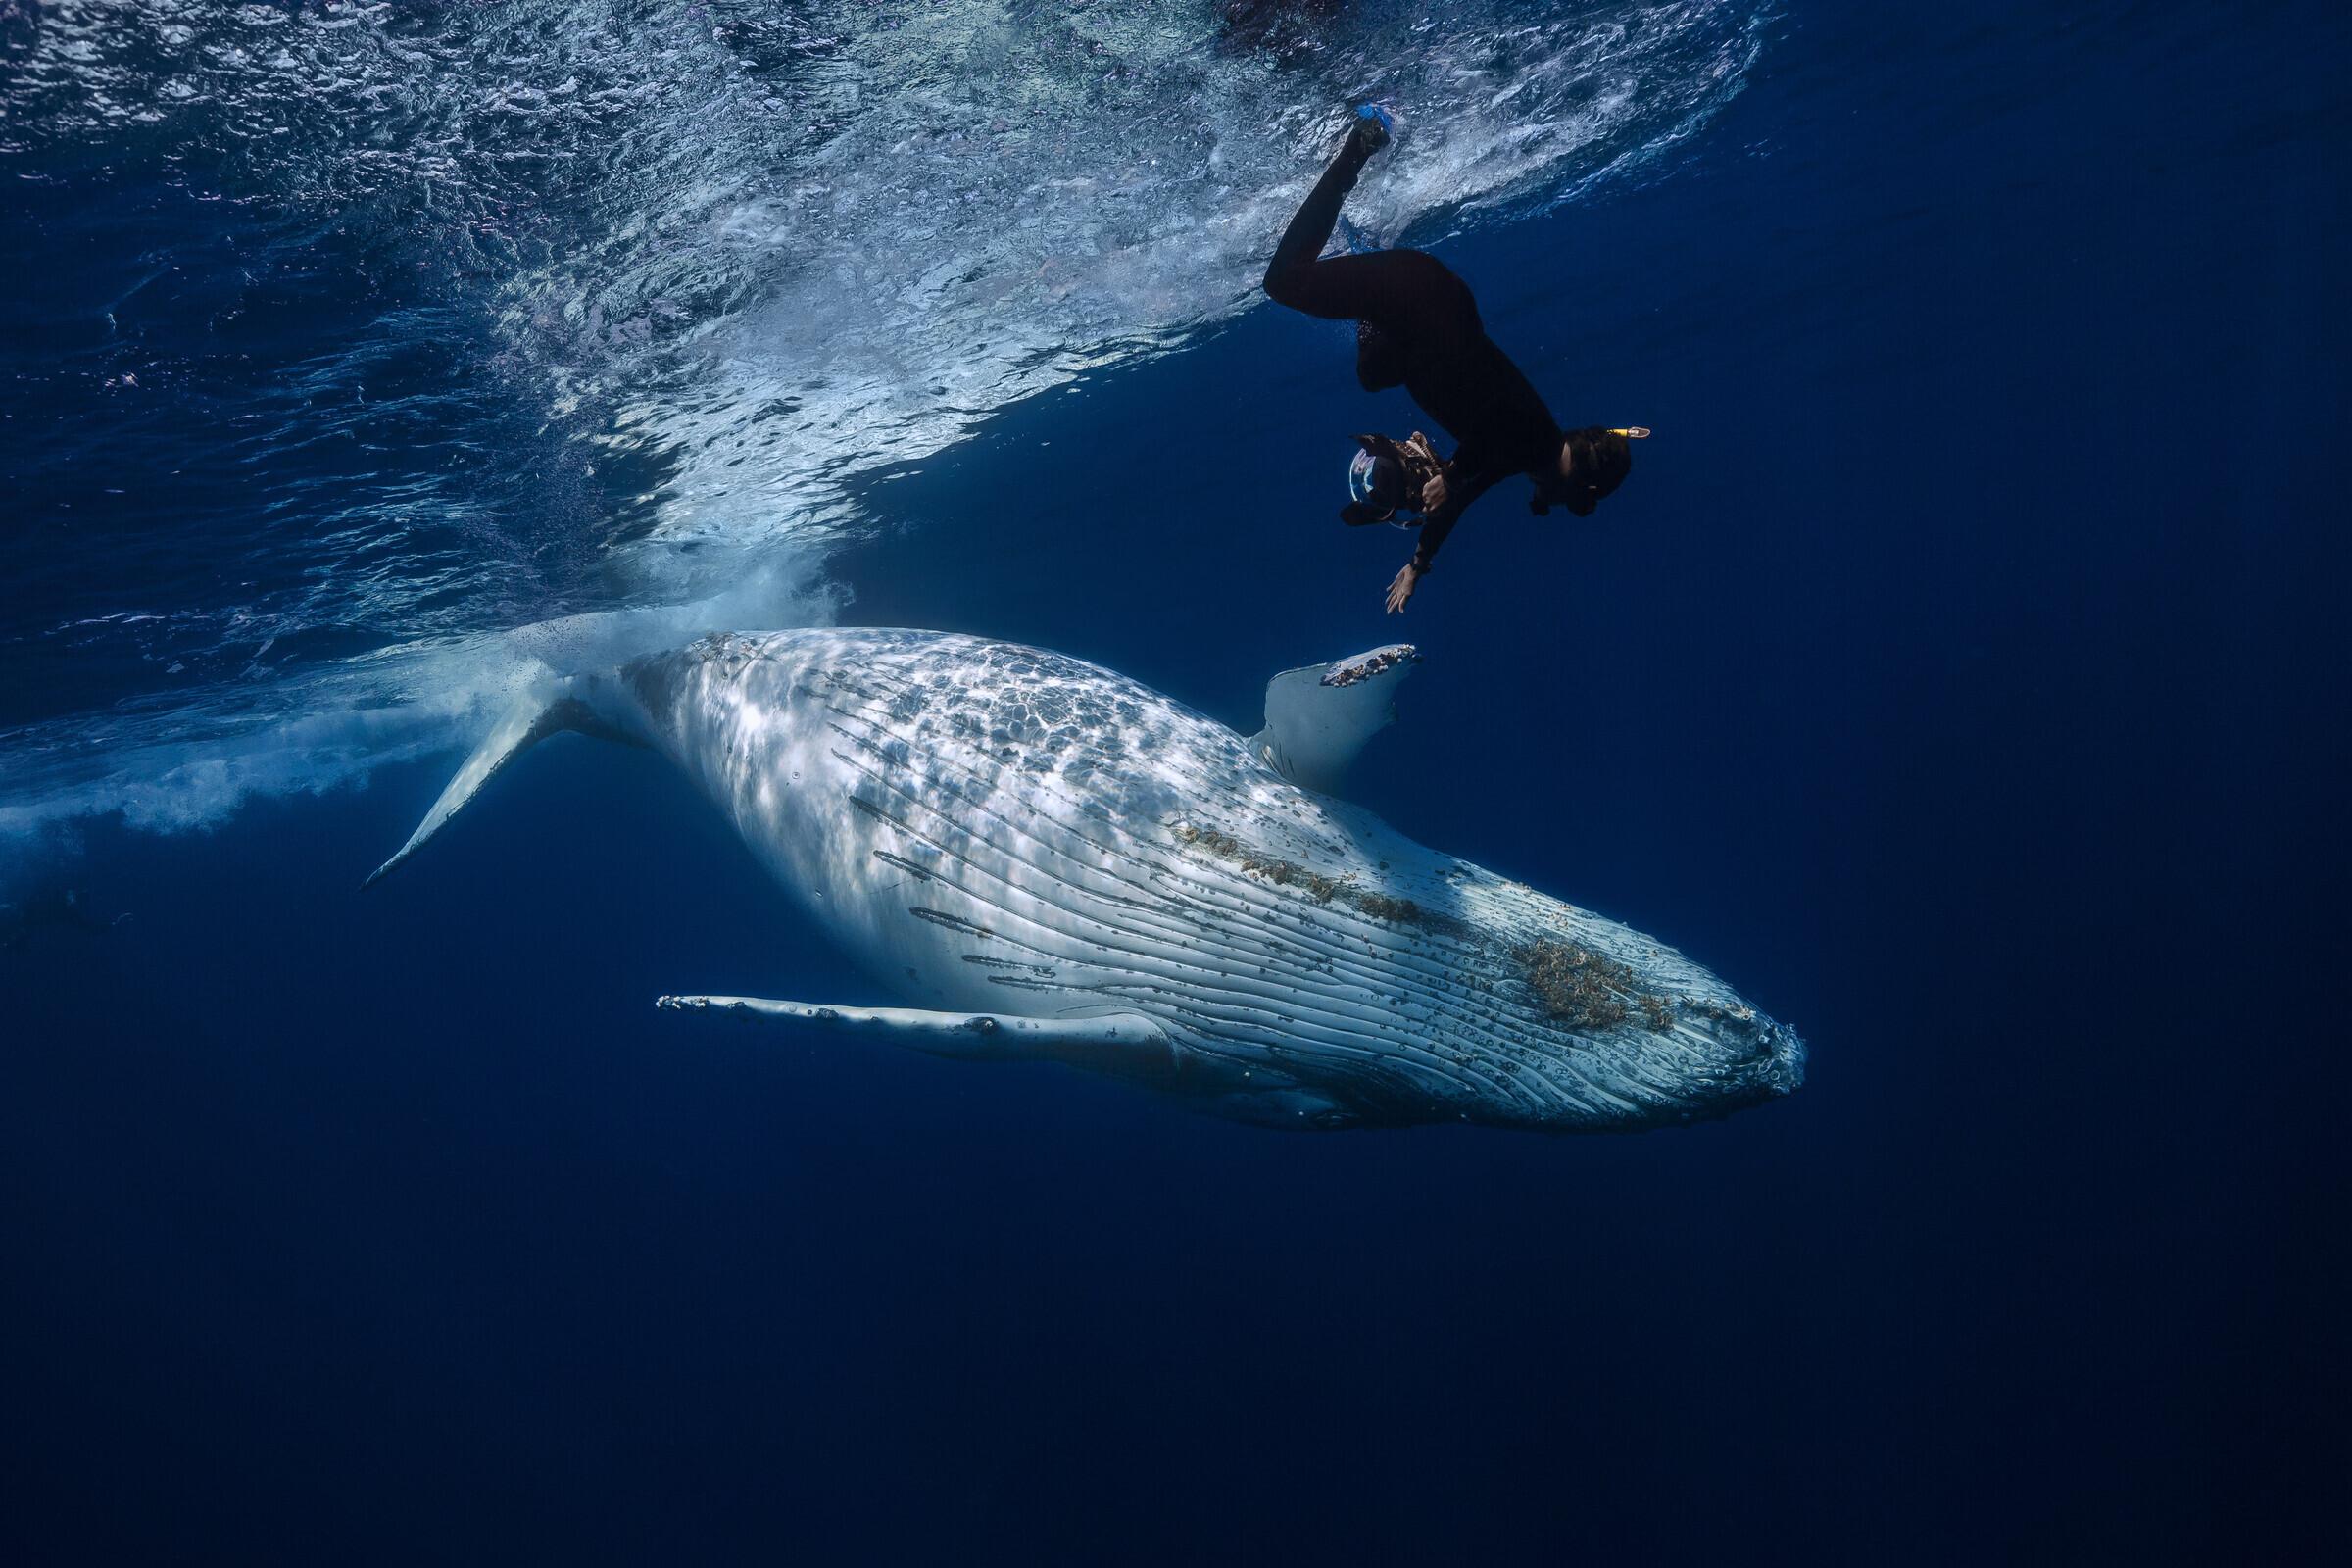 кит фото с людьми материал лучше подойдет